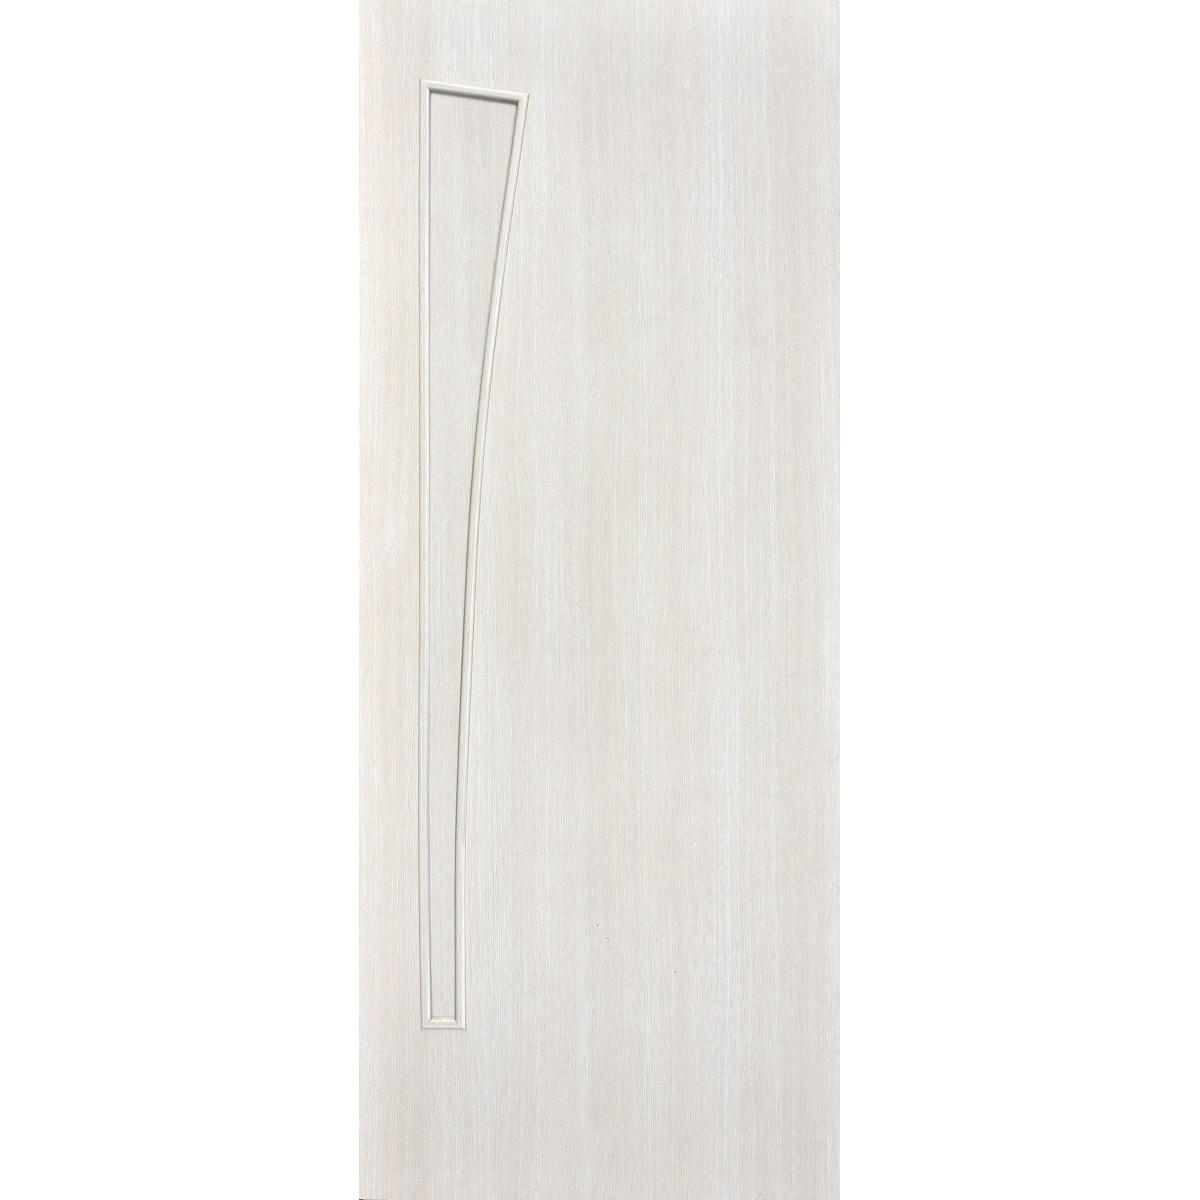 Дверь Межкомнатная Глухая Ламинированная Белеза 70x200 Цвет Белый Дуб